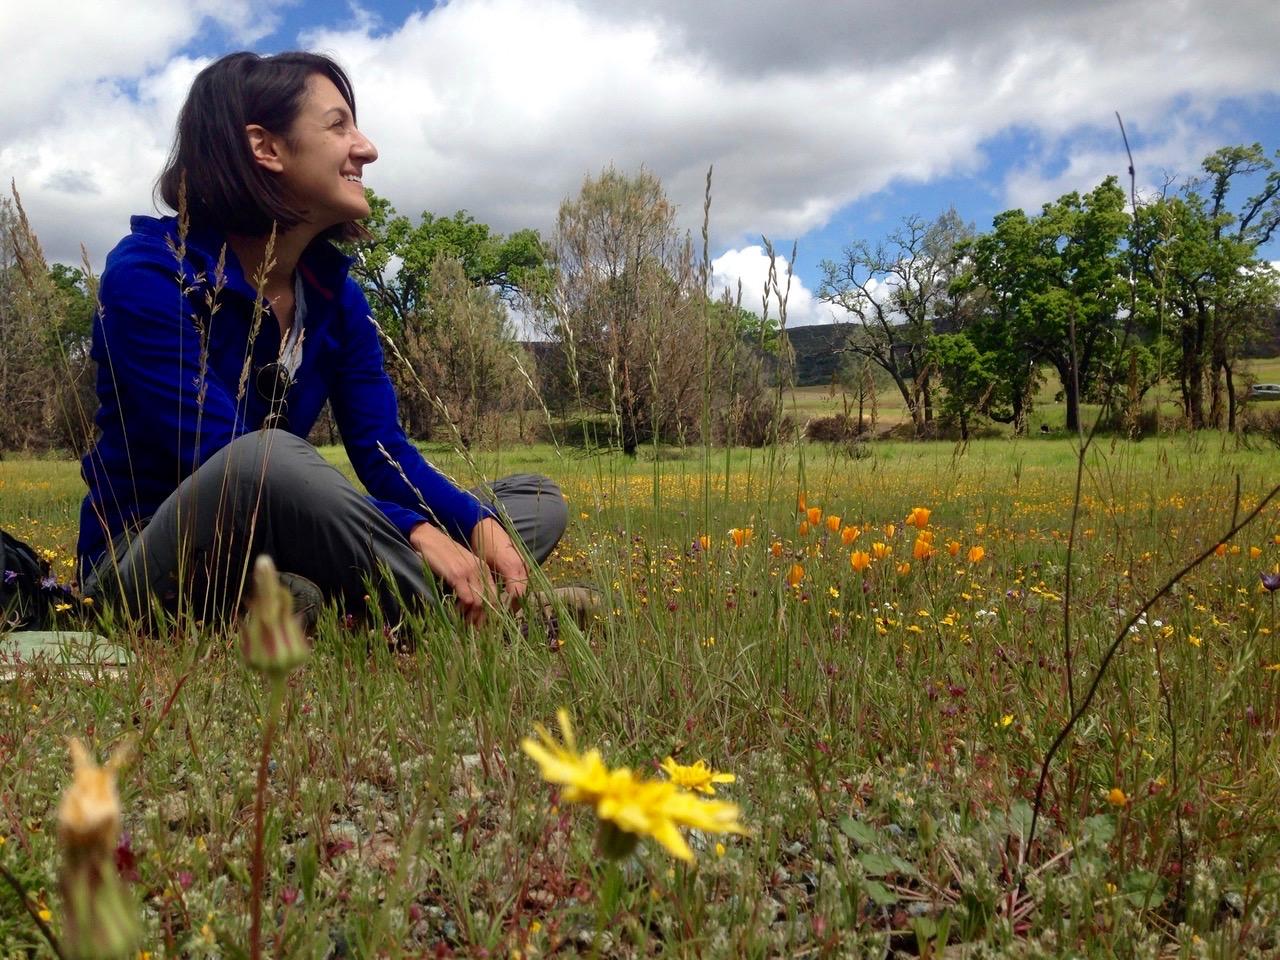 woman scientist in field